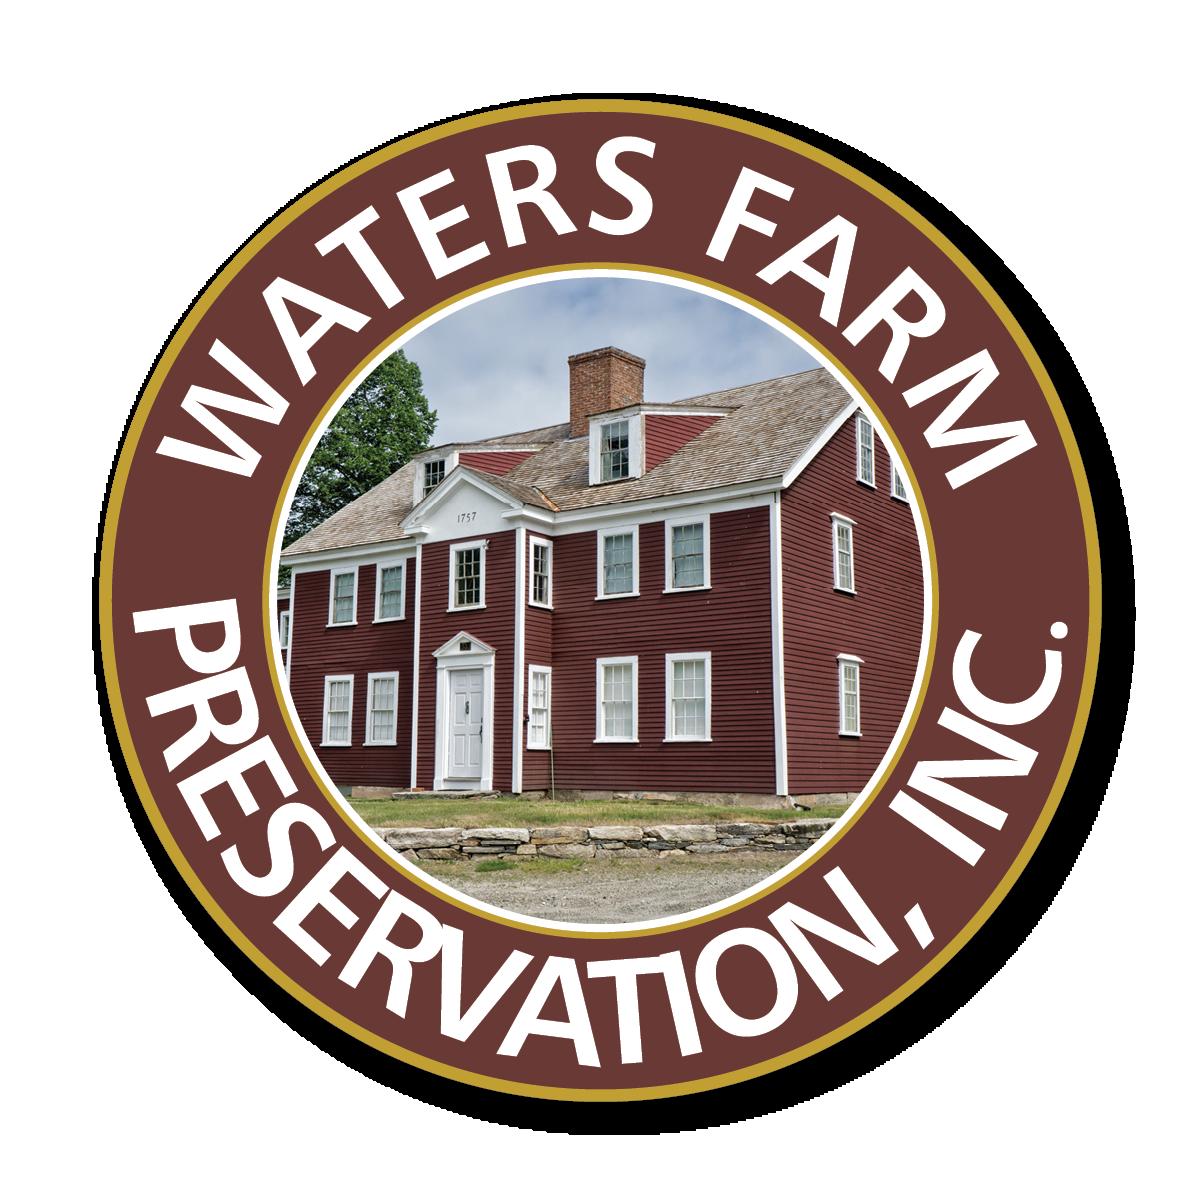 waters farm